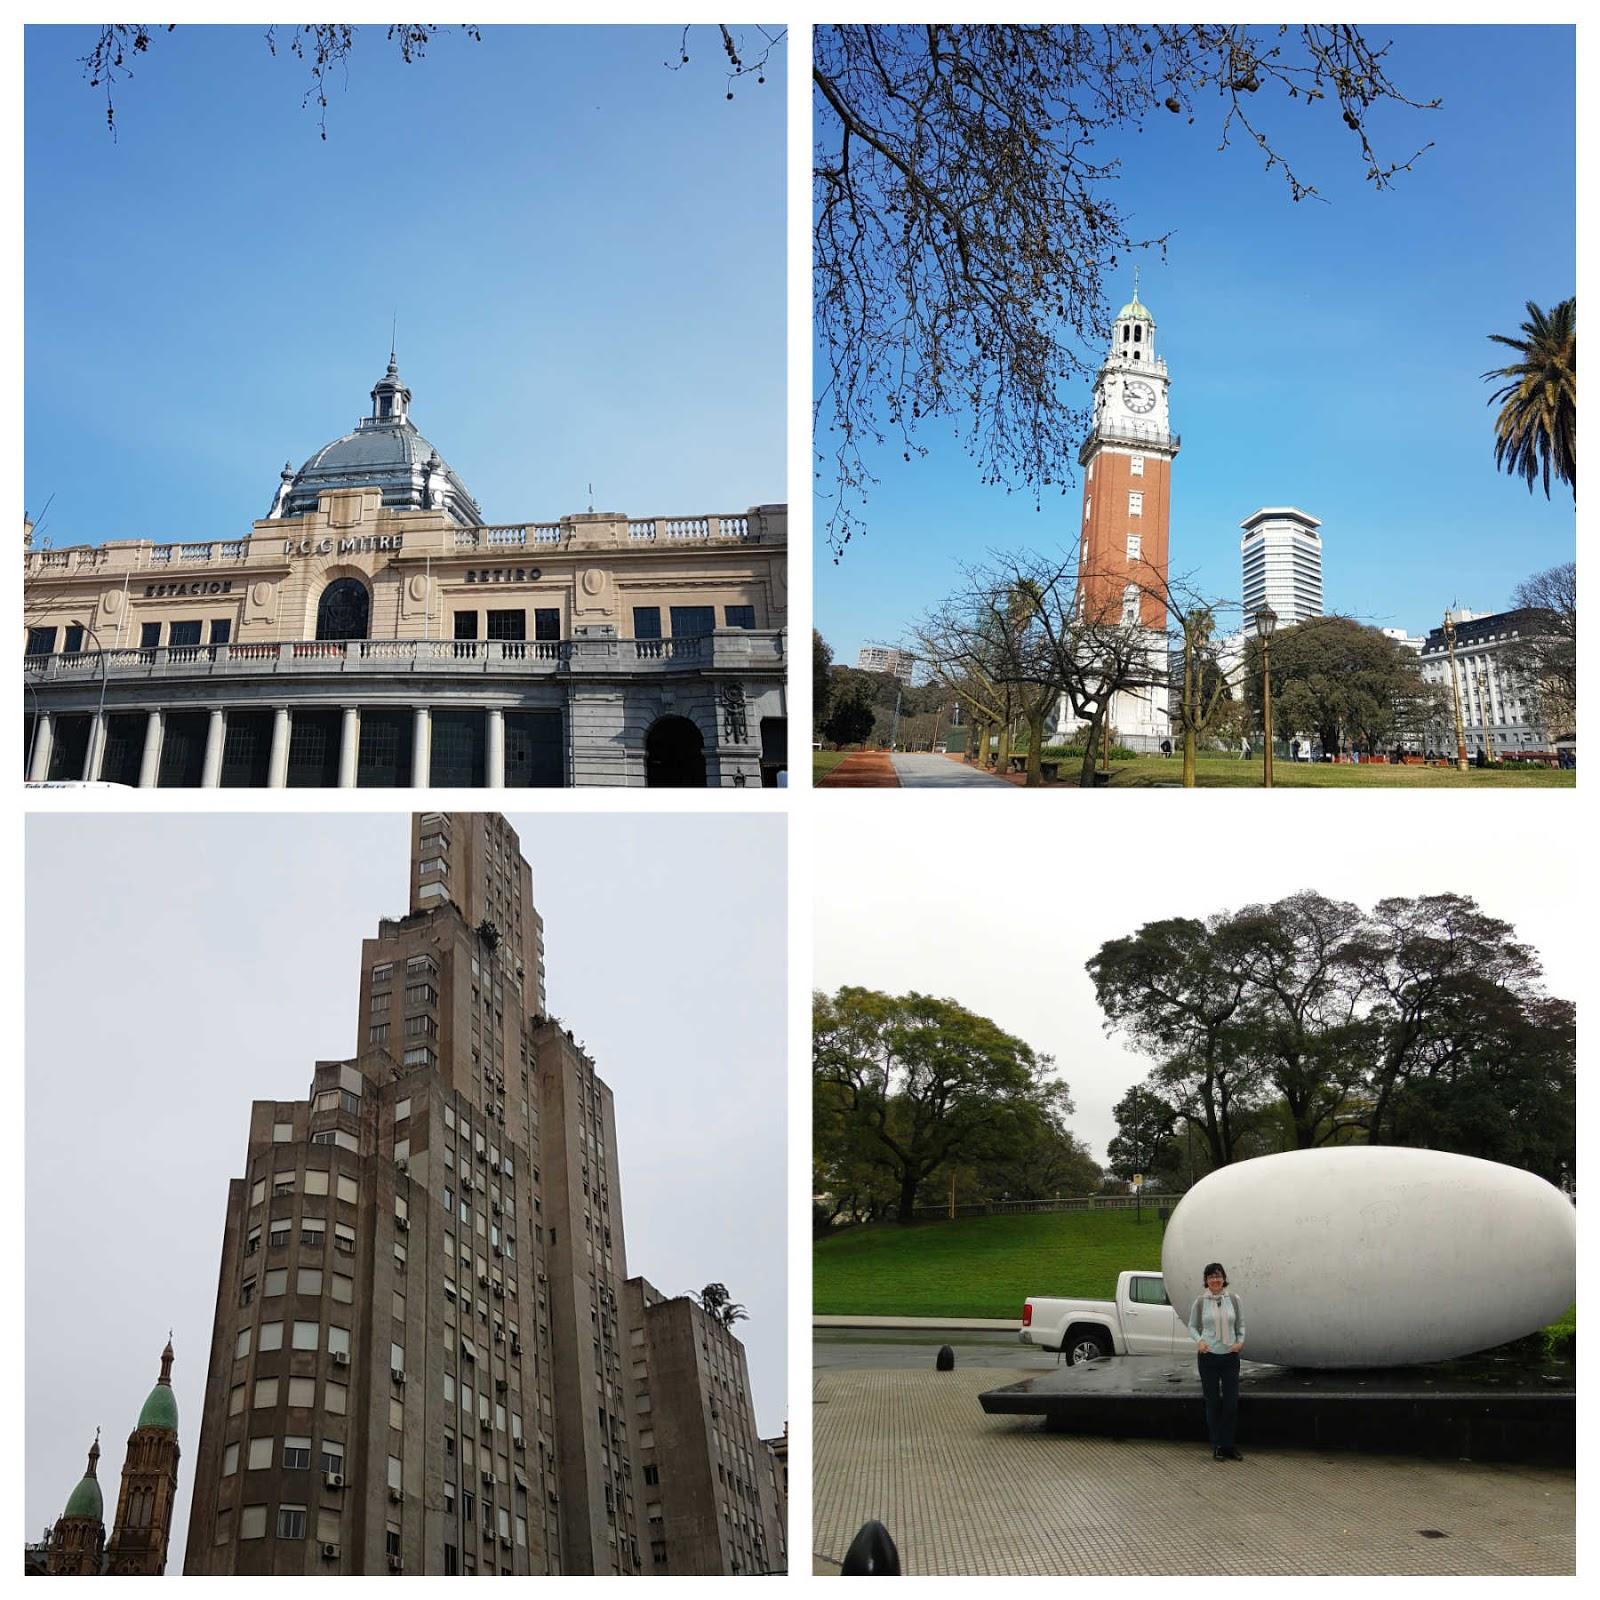 Estação de trem Retiro, Torre dos Ingleses, Kavanagh, Plaza San Martin Buenos Aires.